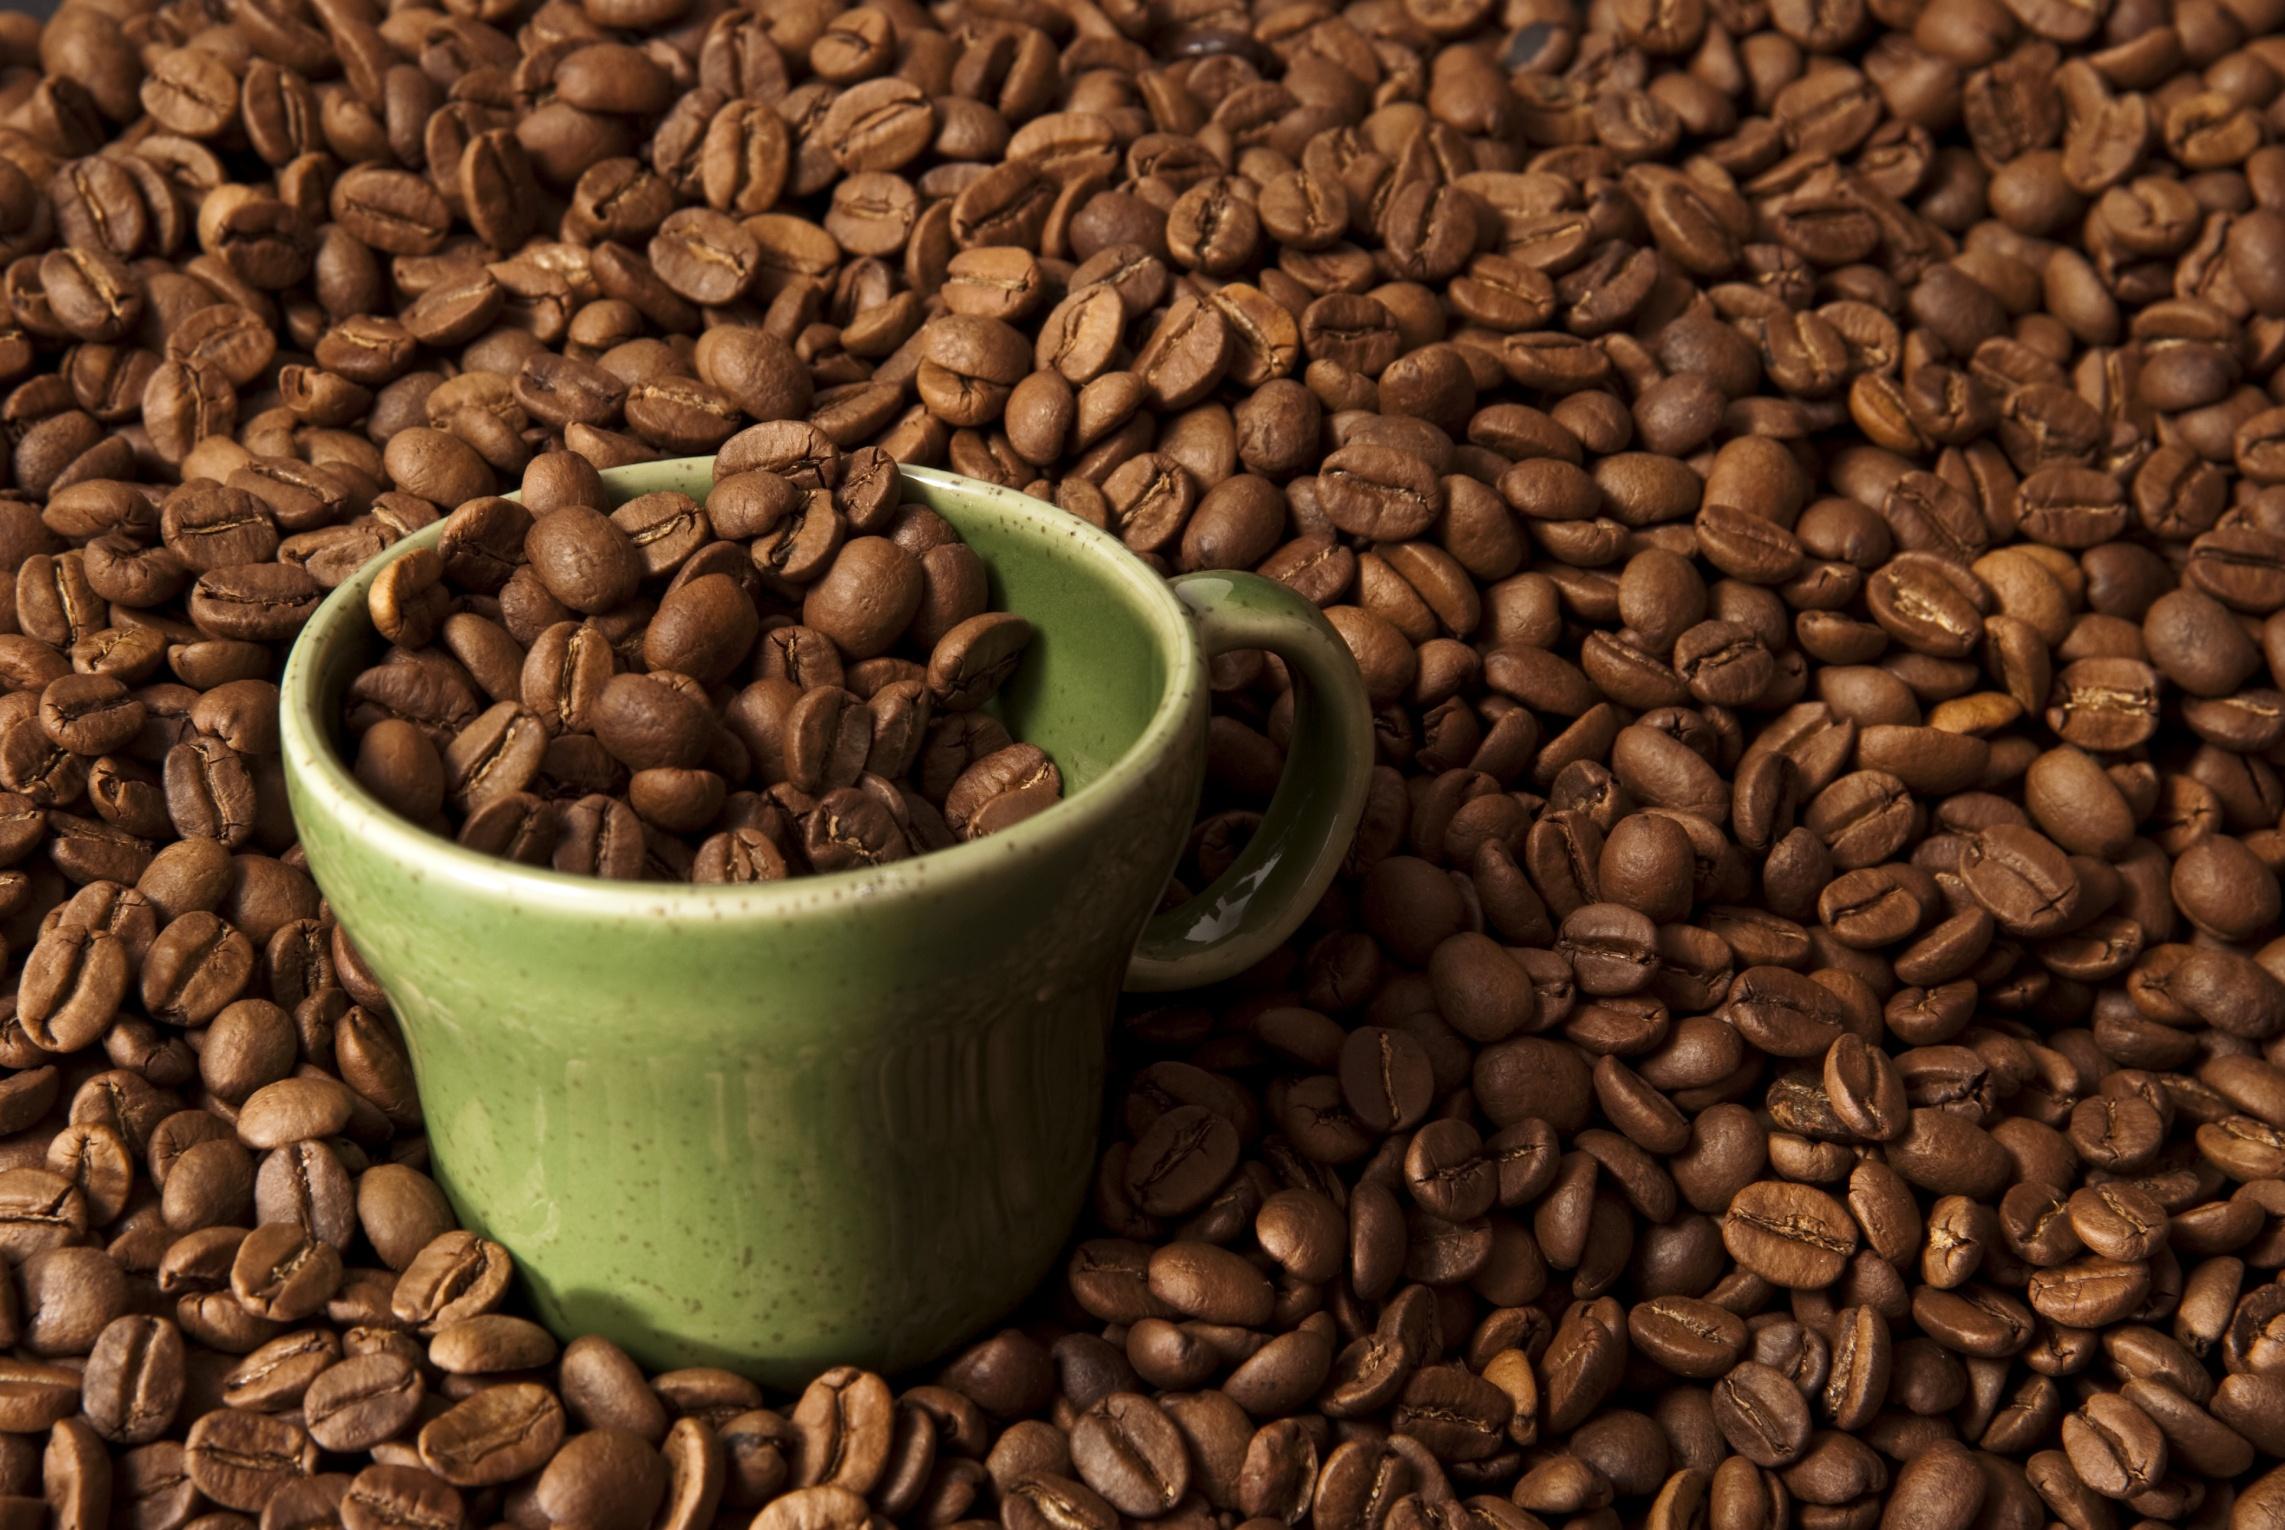 Evita la adicción a la cafeína | Salud180